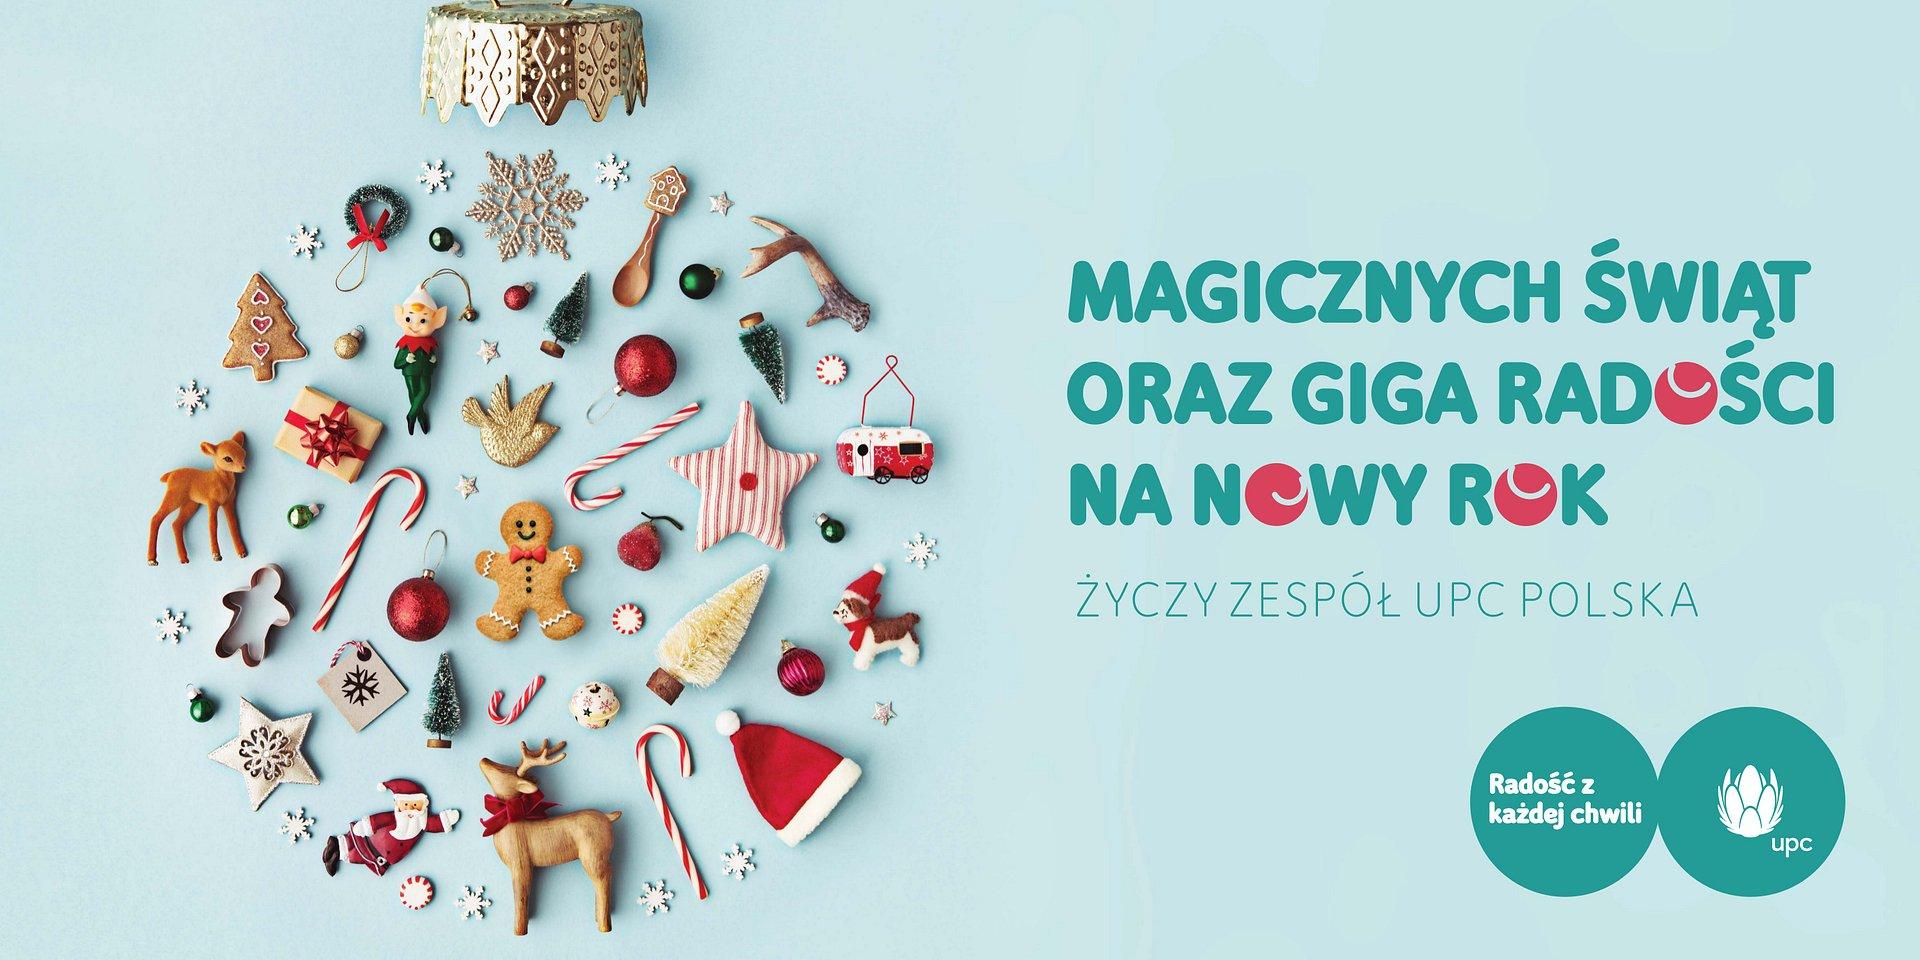 Radości z każdej chwili podczas Świąt Bożego Narodzenia!